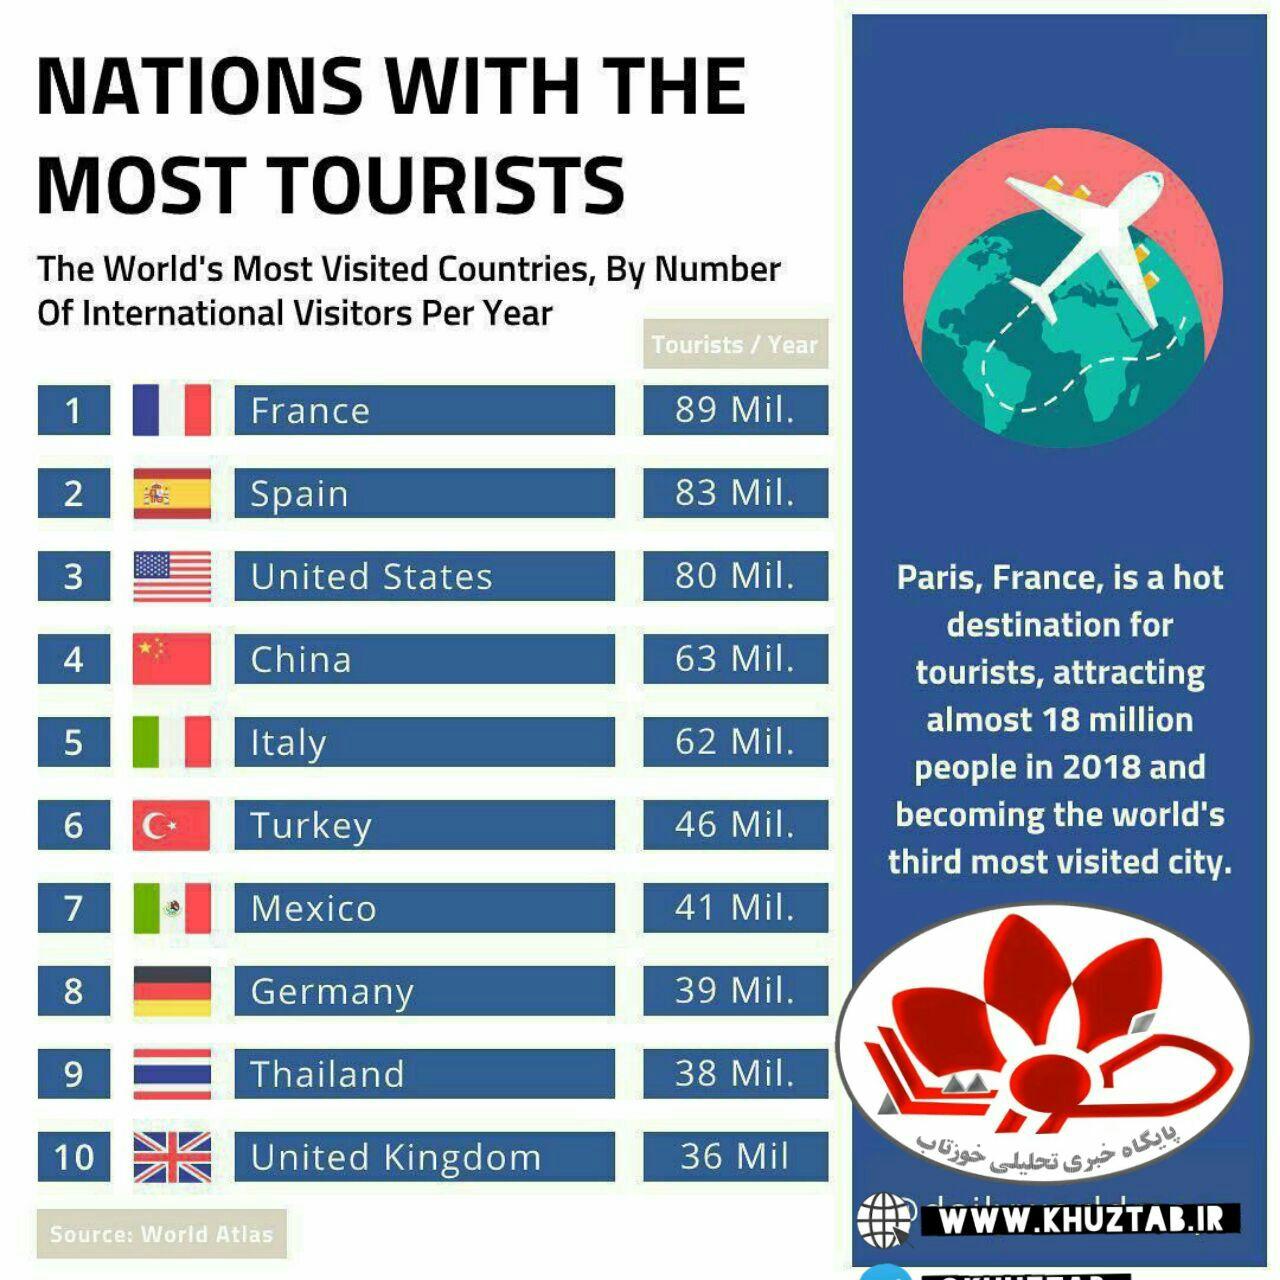 IMG 20191114 024013 664 ده کشور مورد علاقه گردشگران برای سفر کدامند